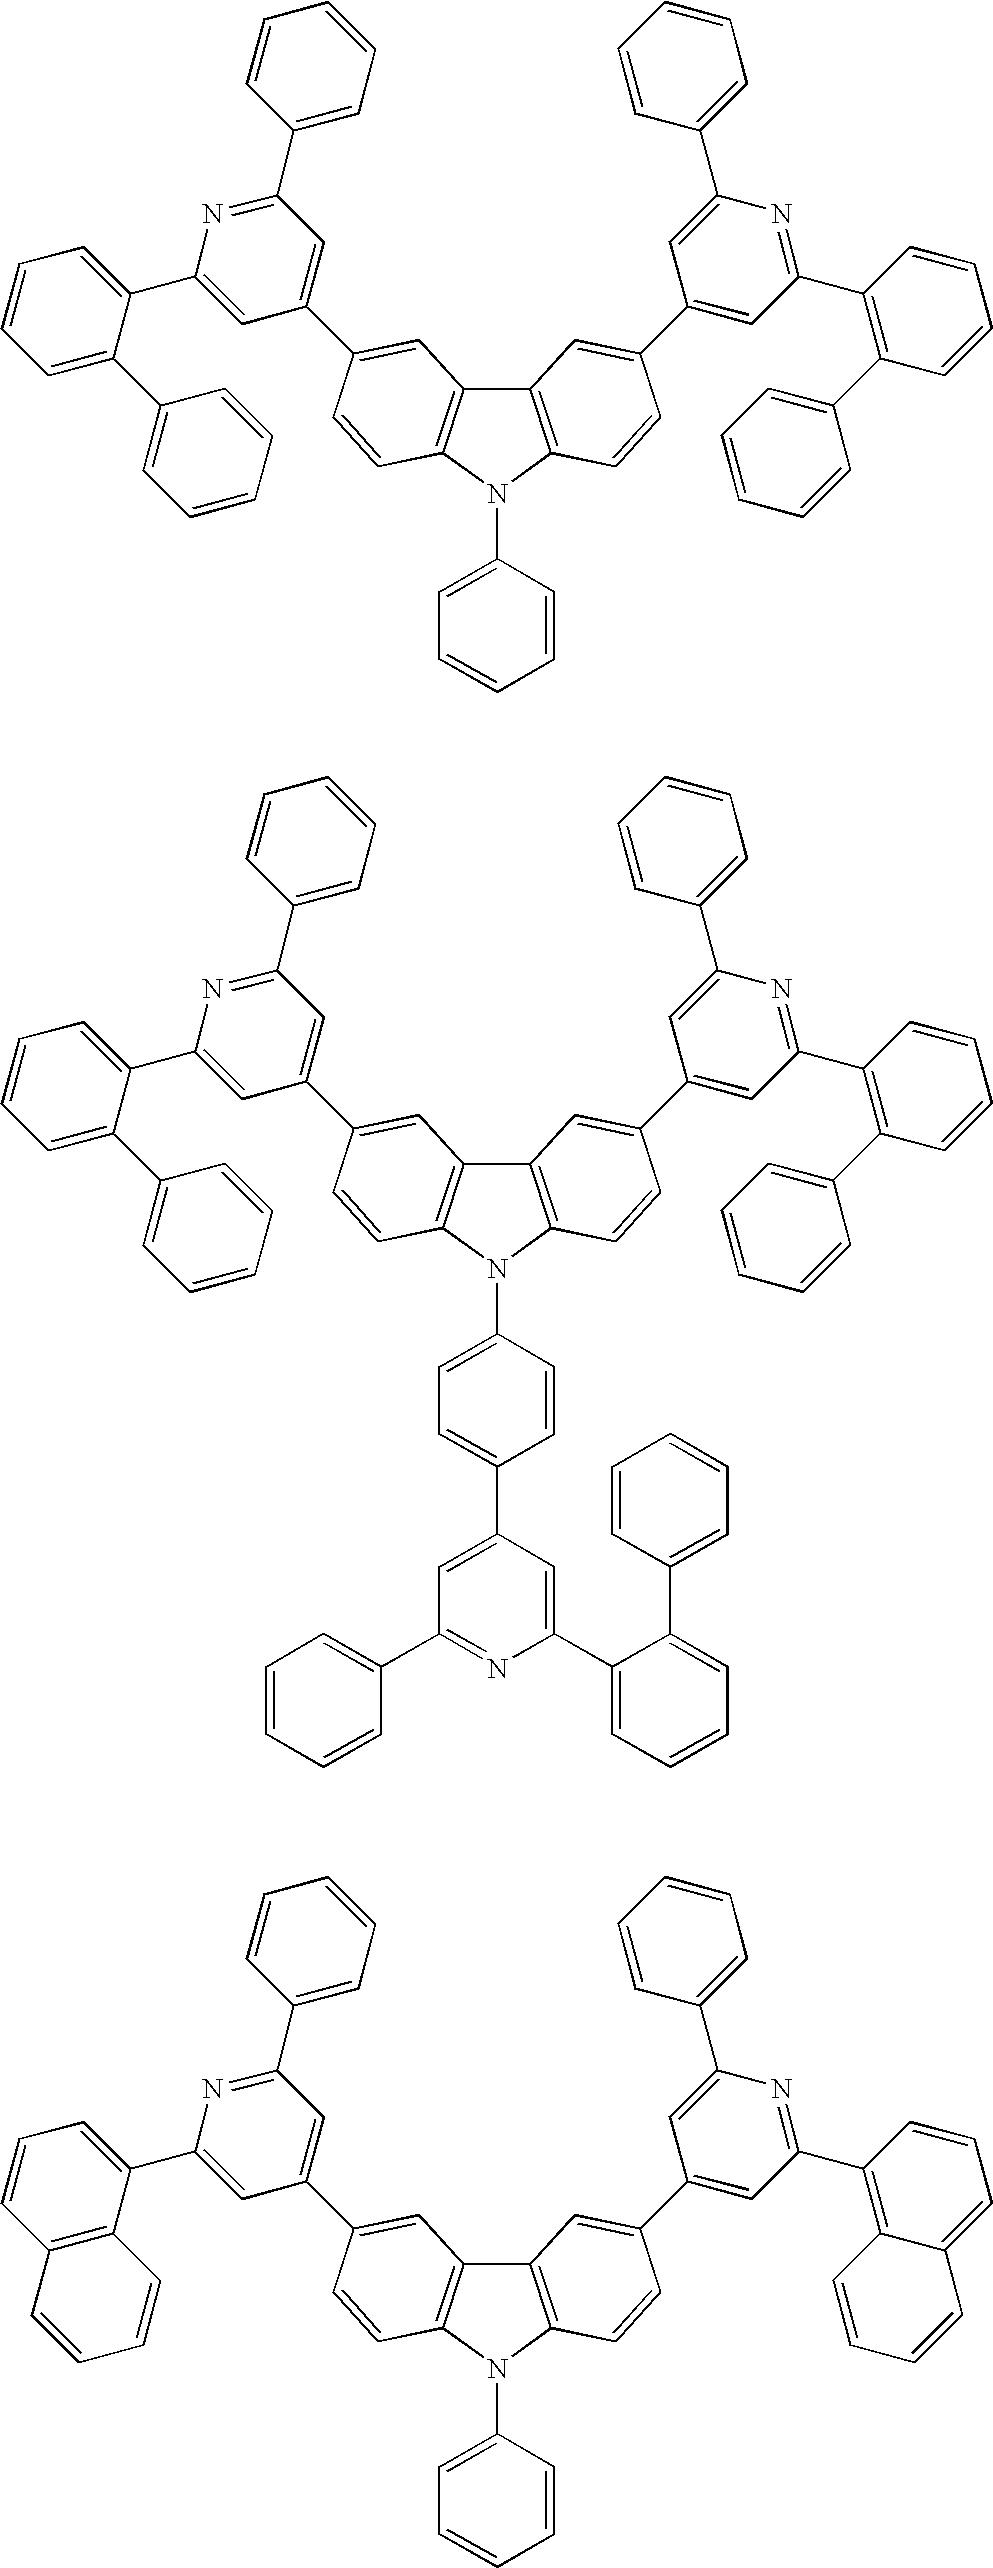 Figure US20060186796A1-20060824-C00098